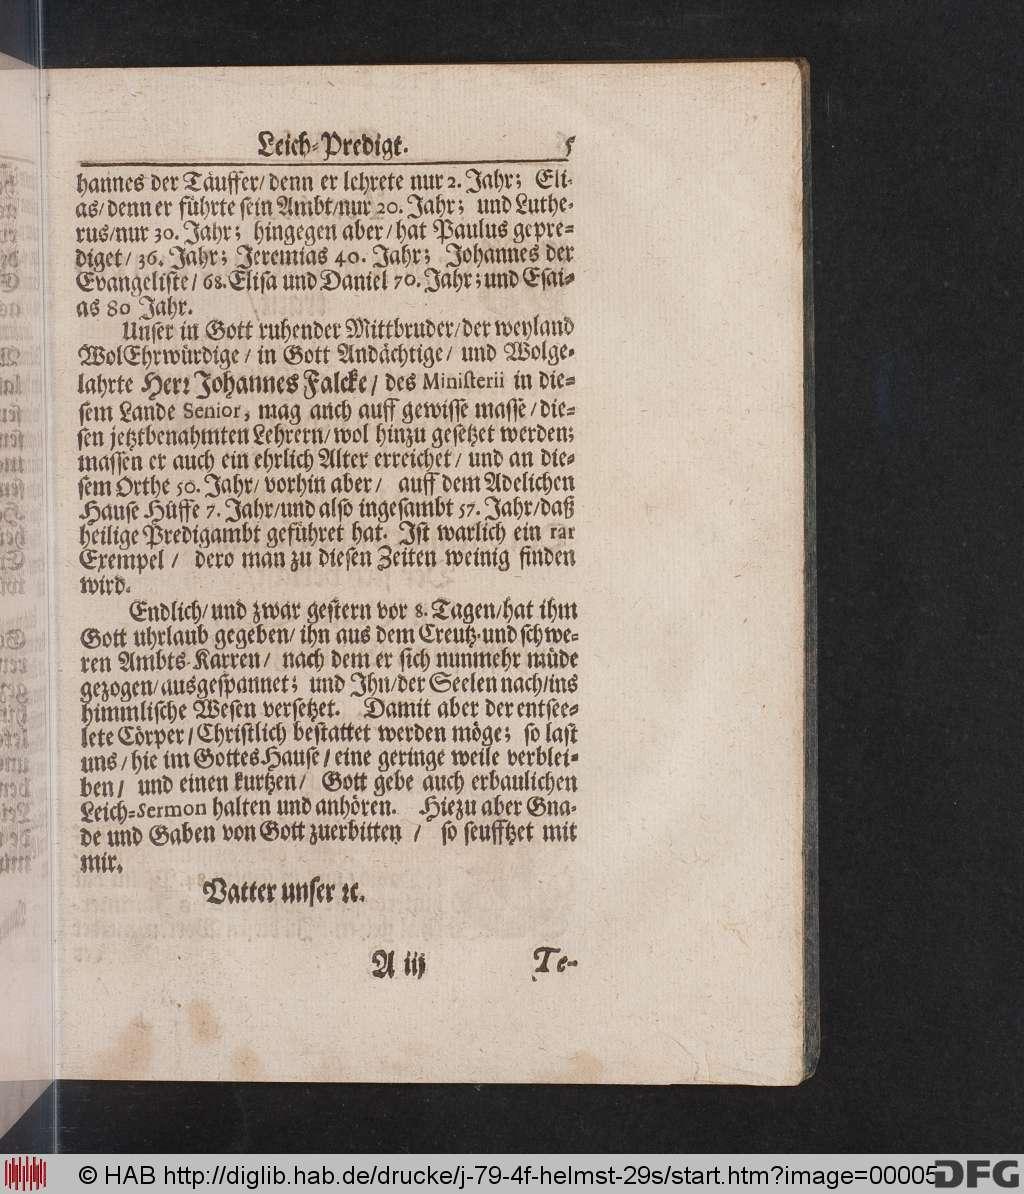 http://diglib.hab.de/drucke/j-79-4f-helmst-29s/00005.jpg